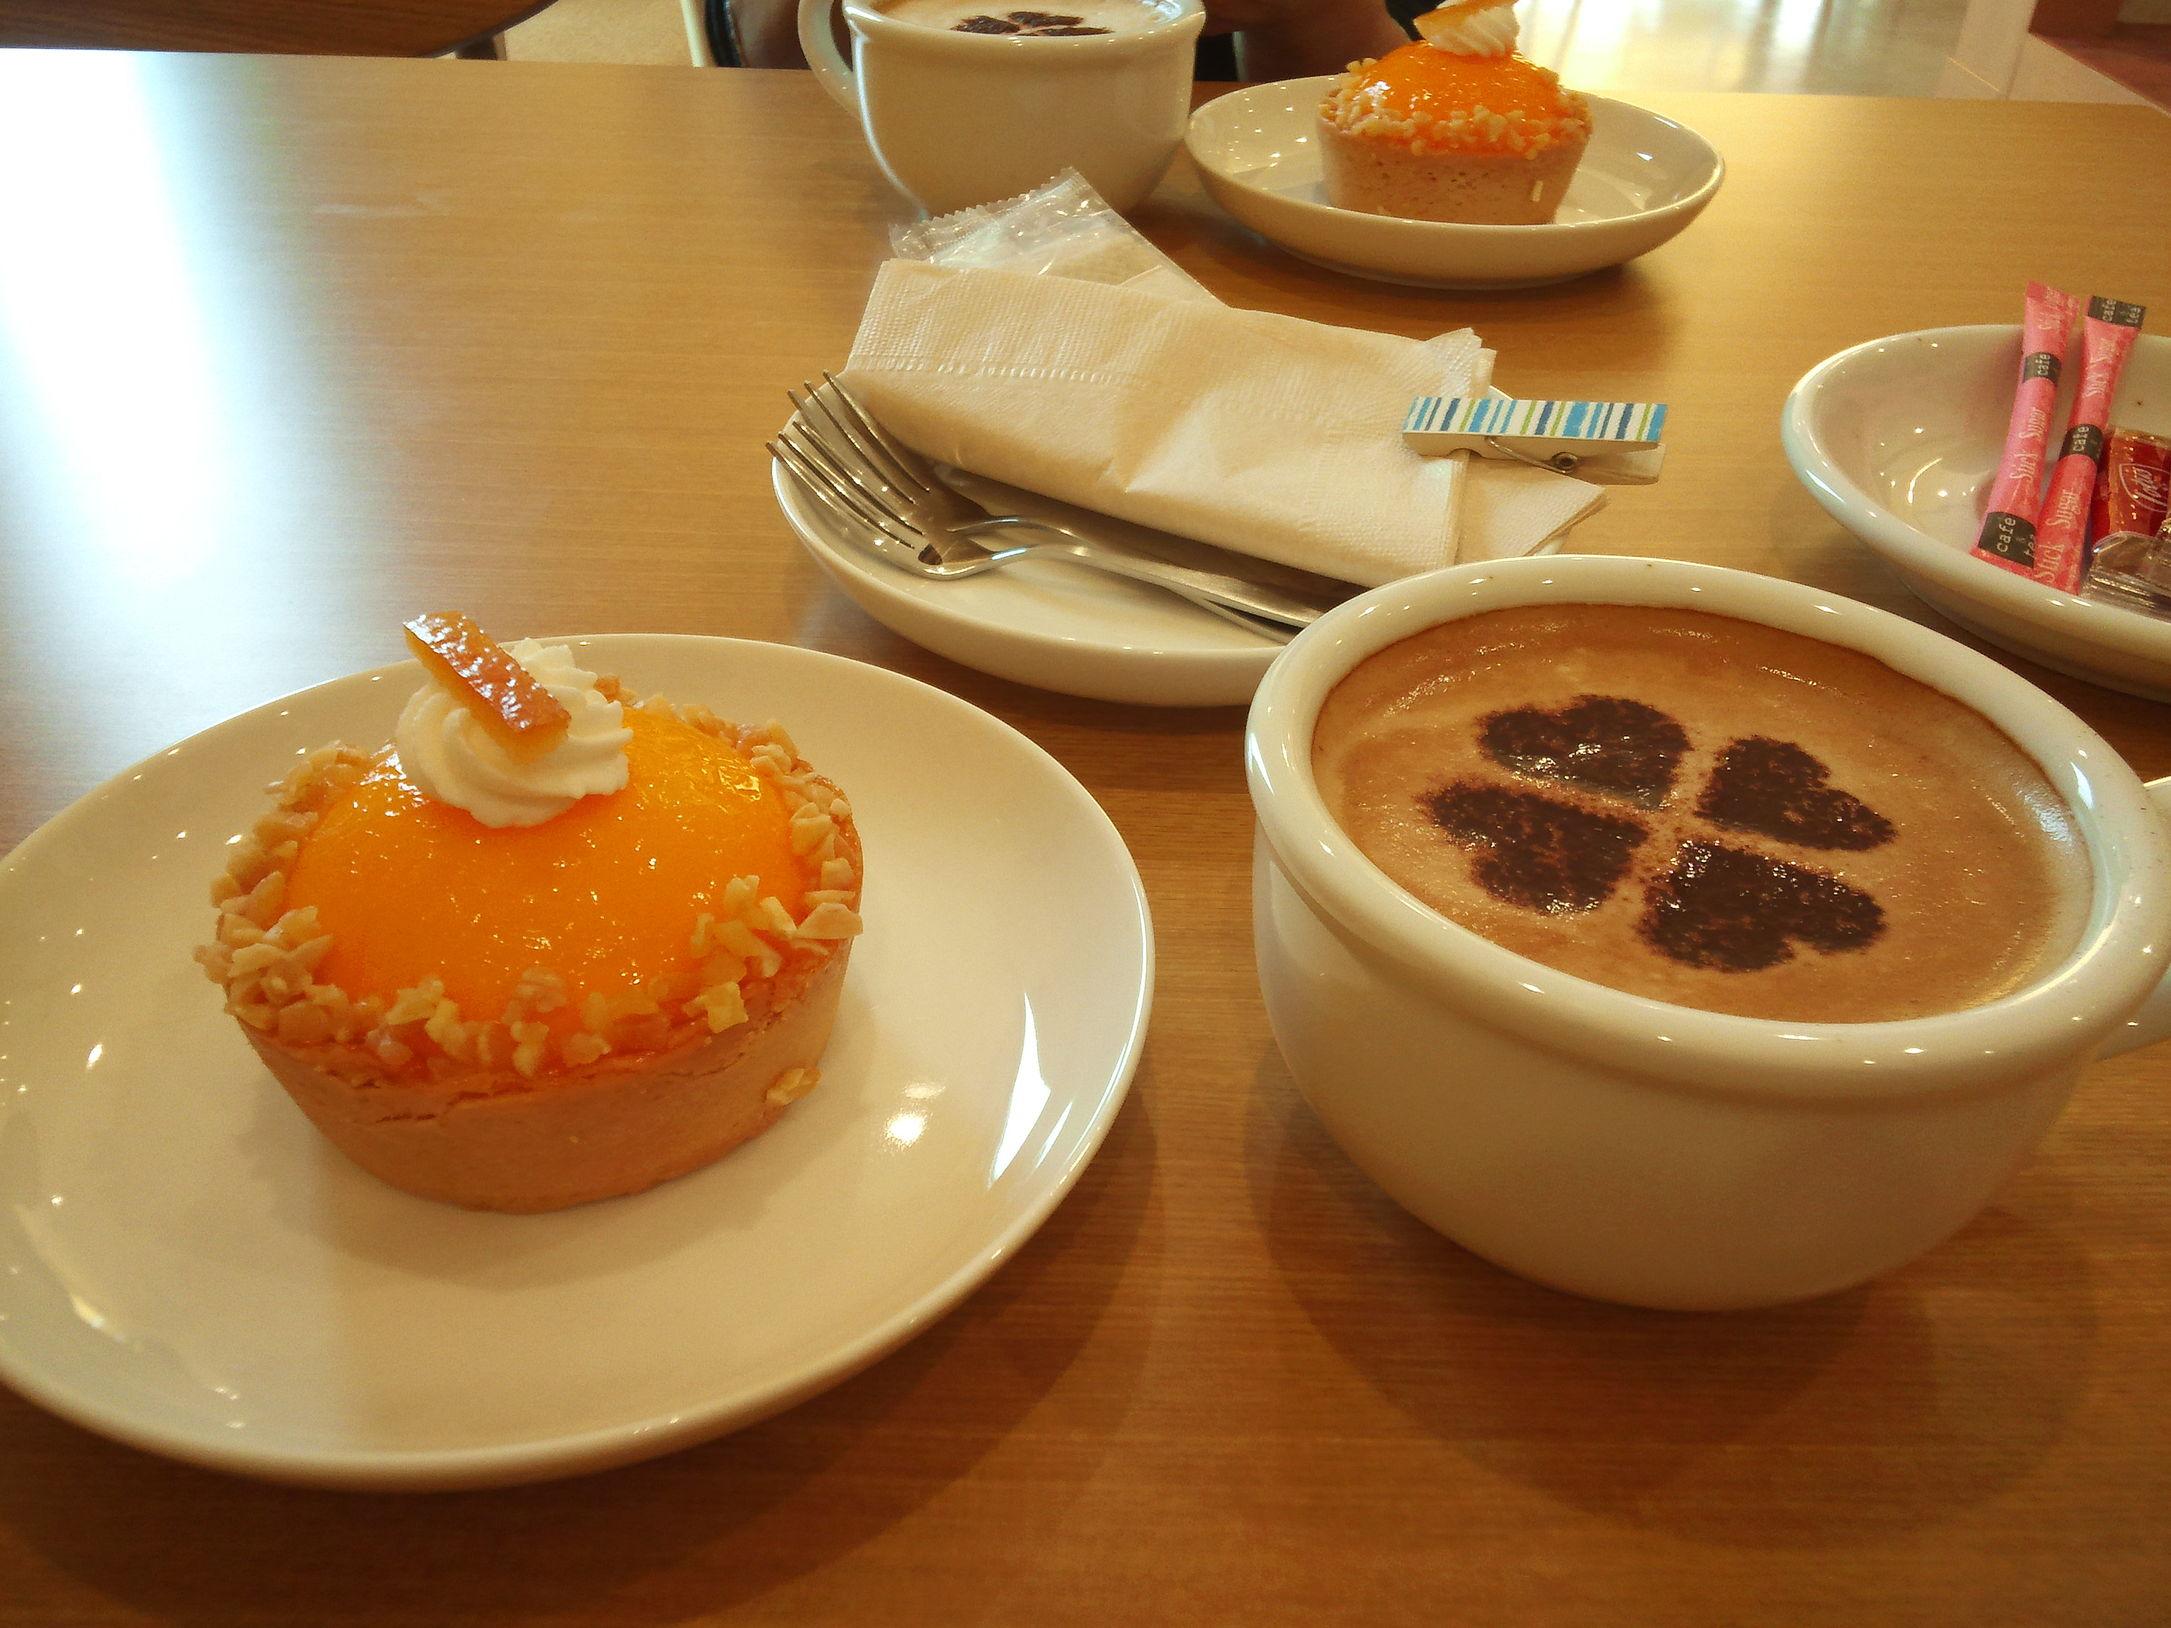 CafeDazy